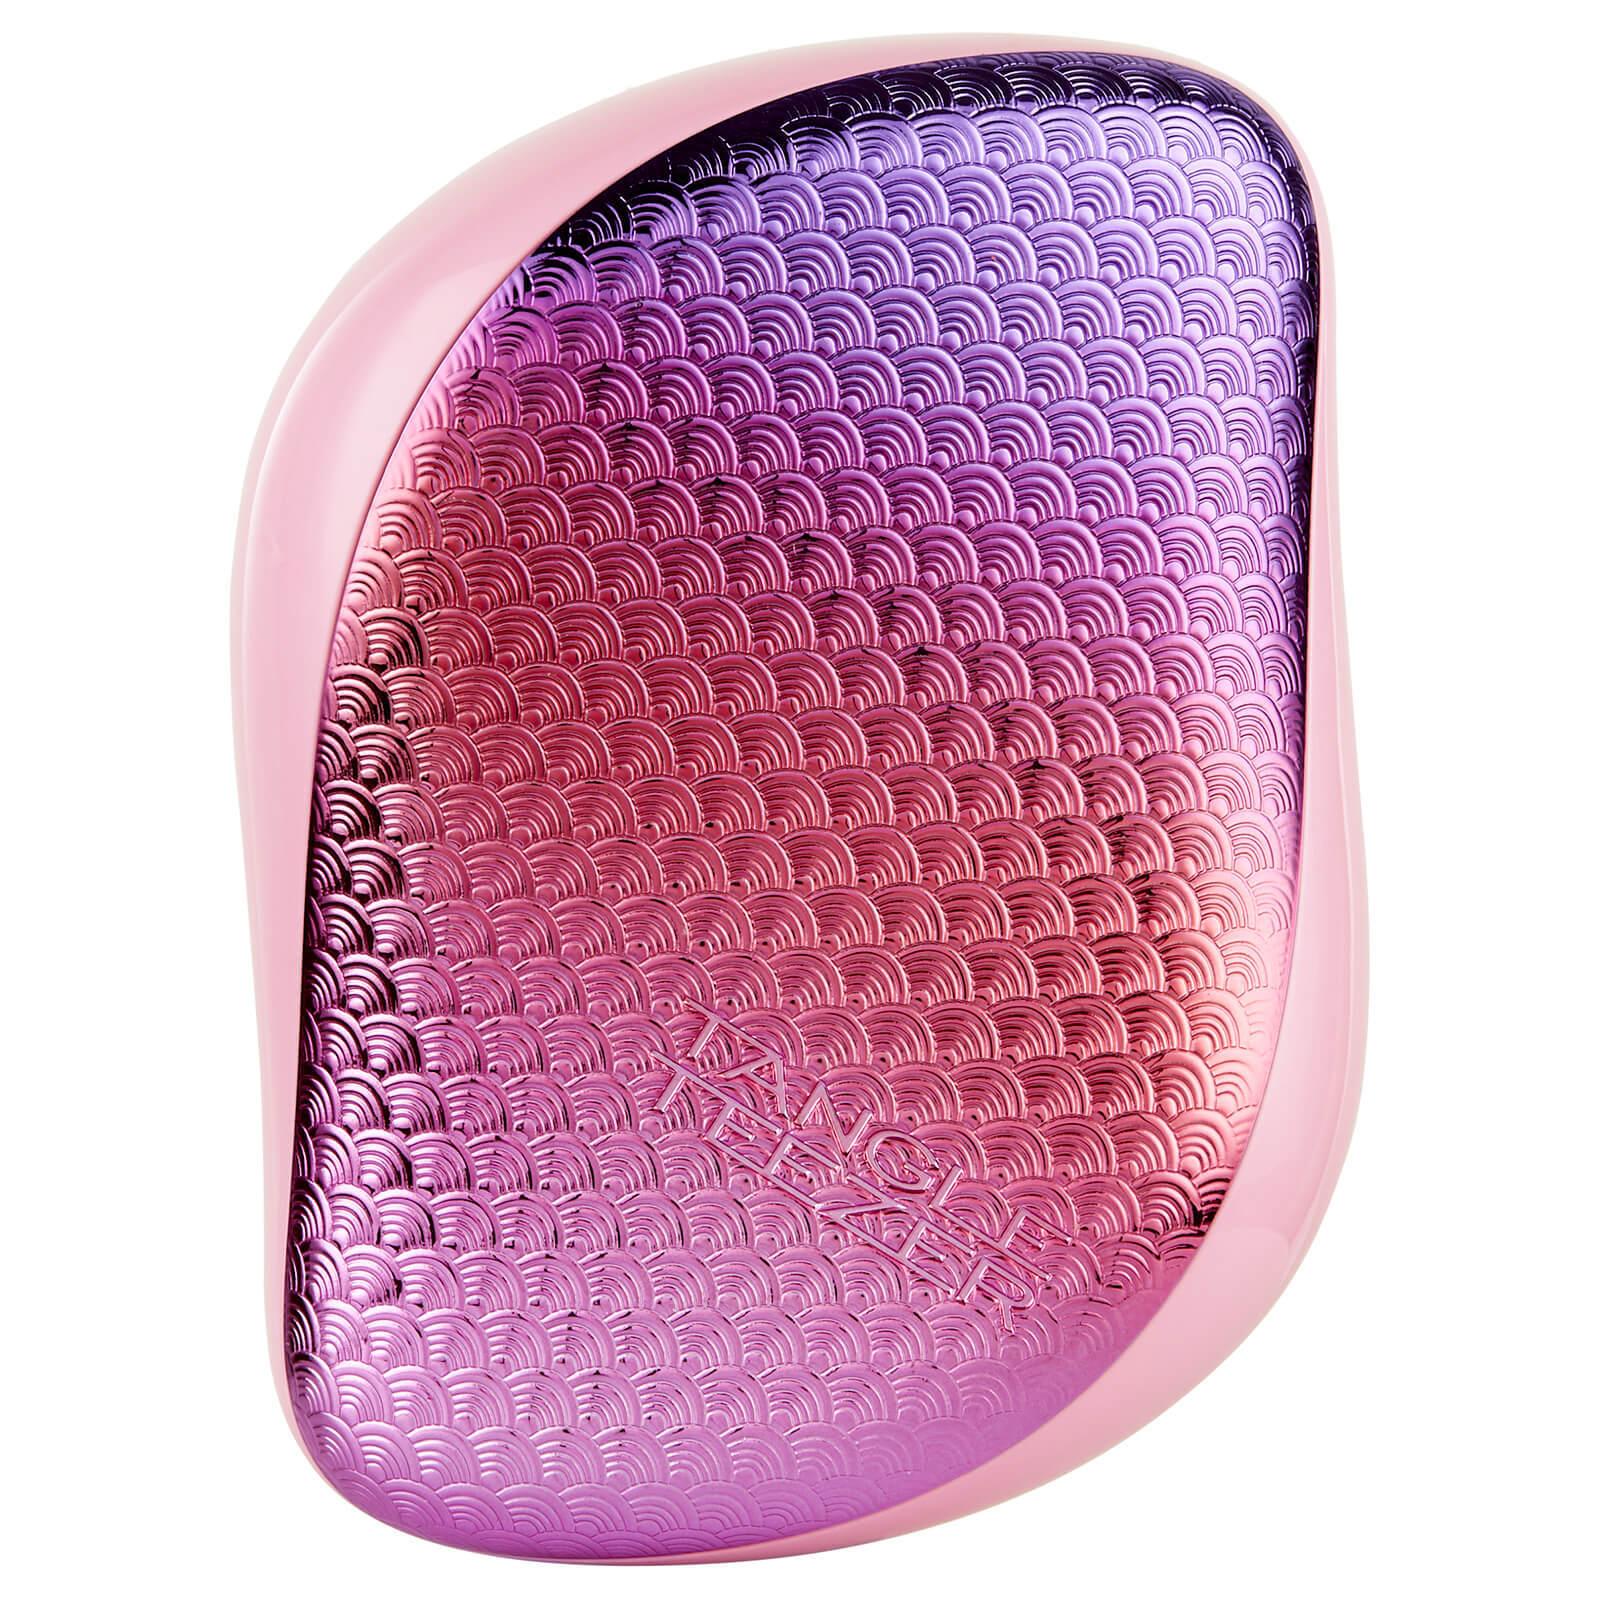 Tangle Teezer Compact Styler Sunset Pink